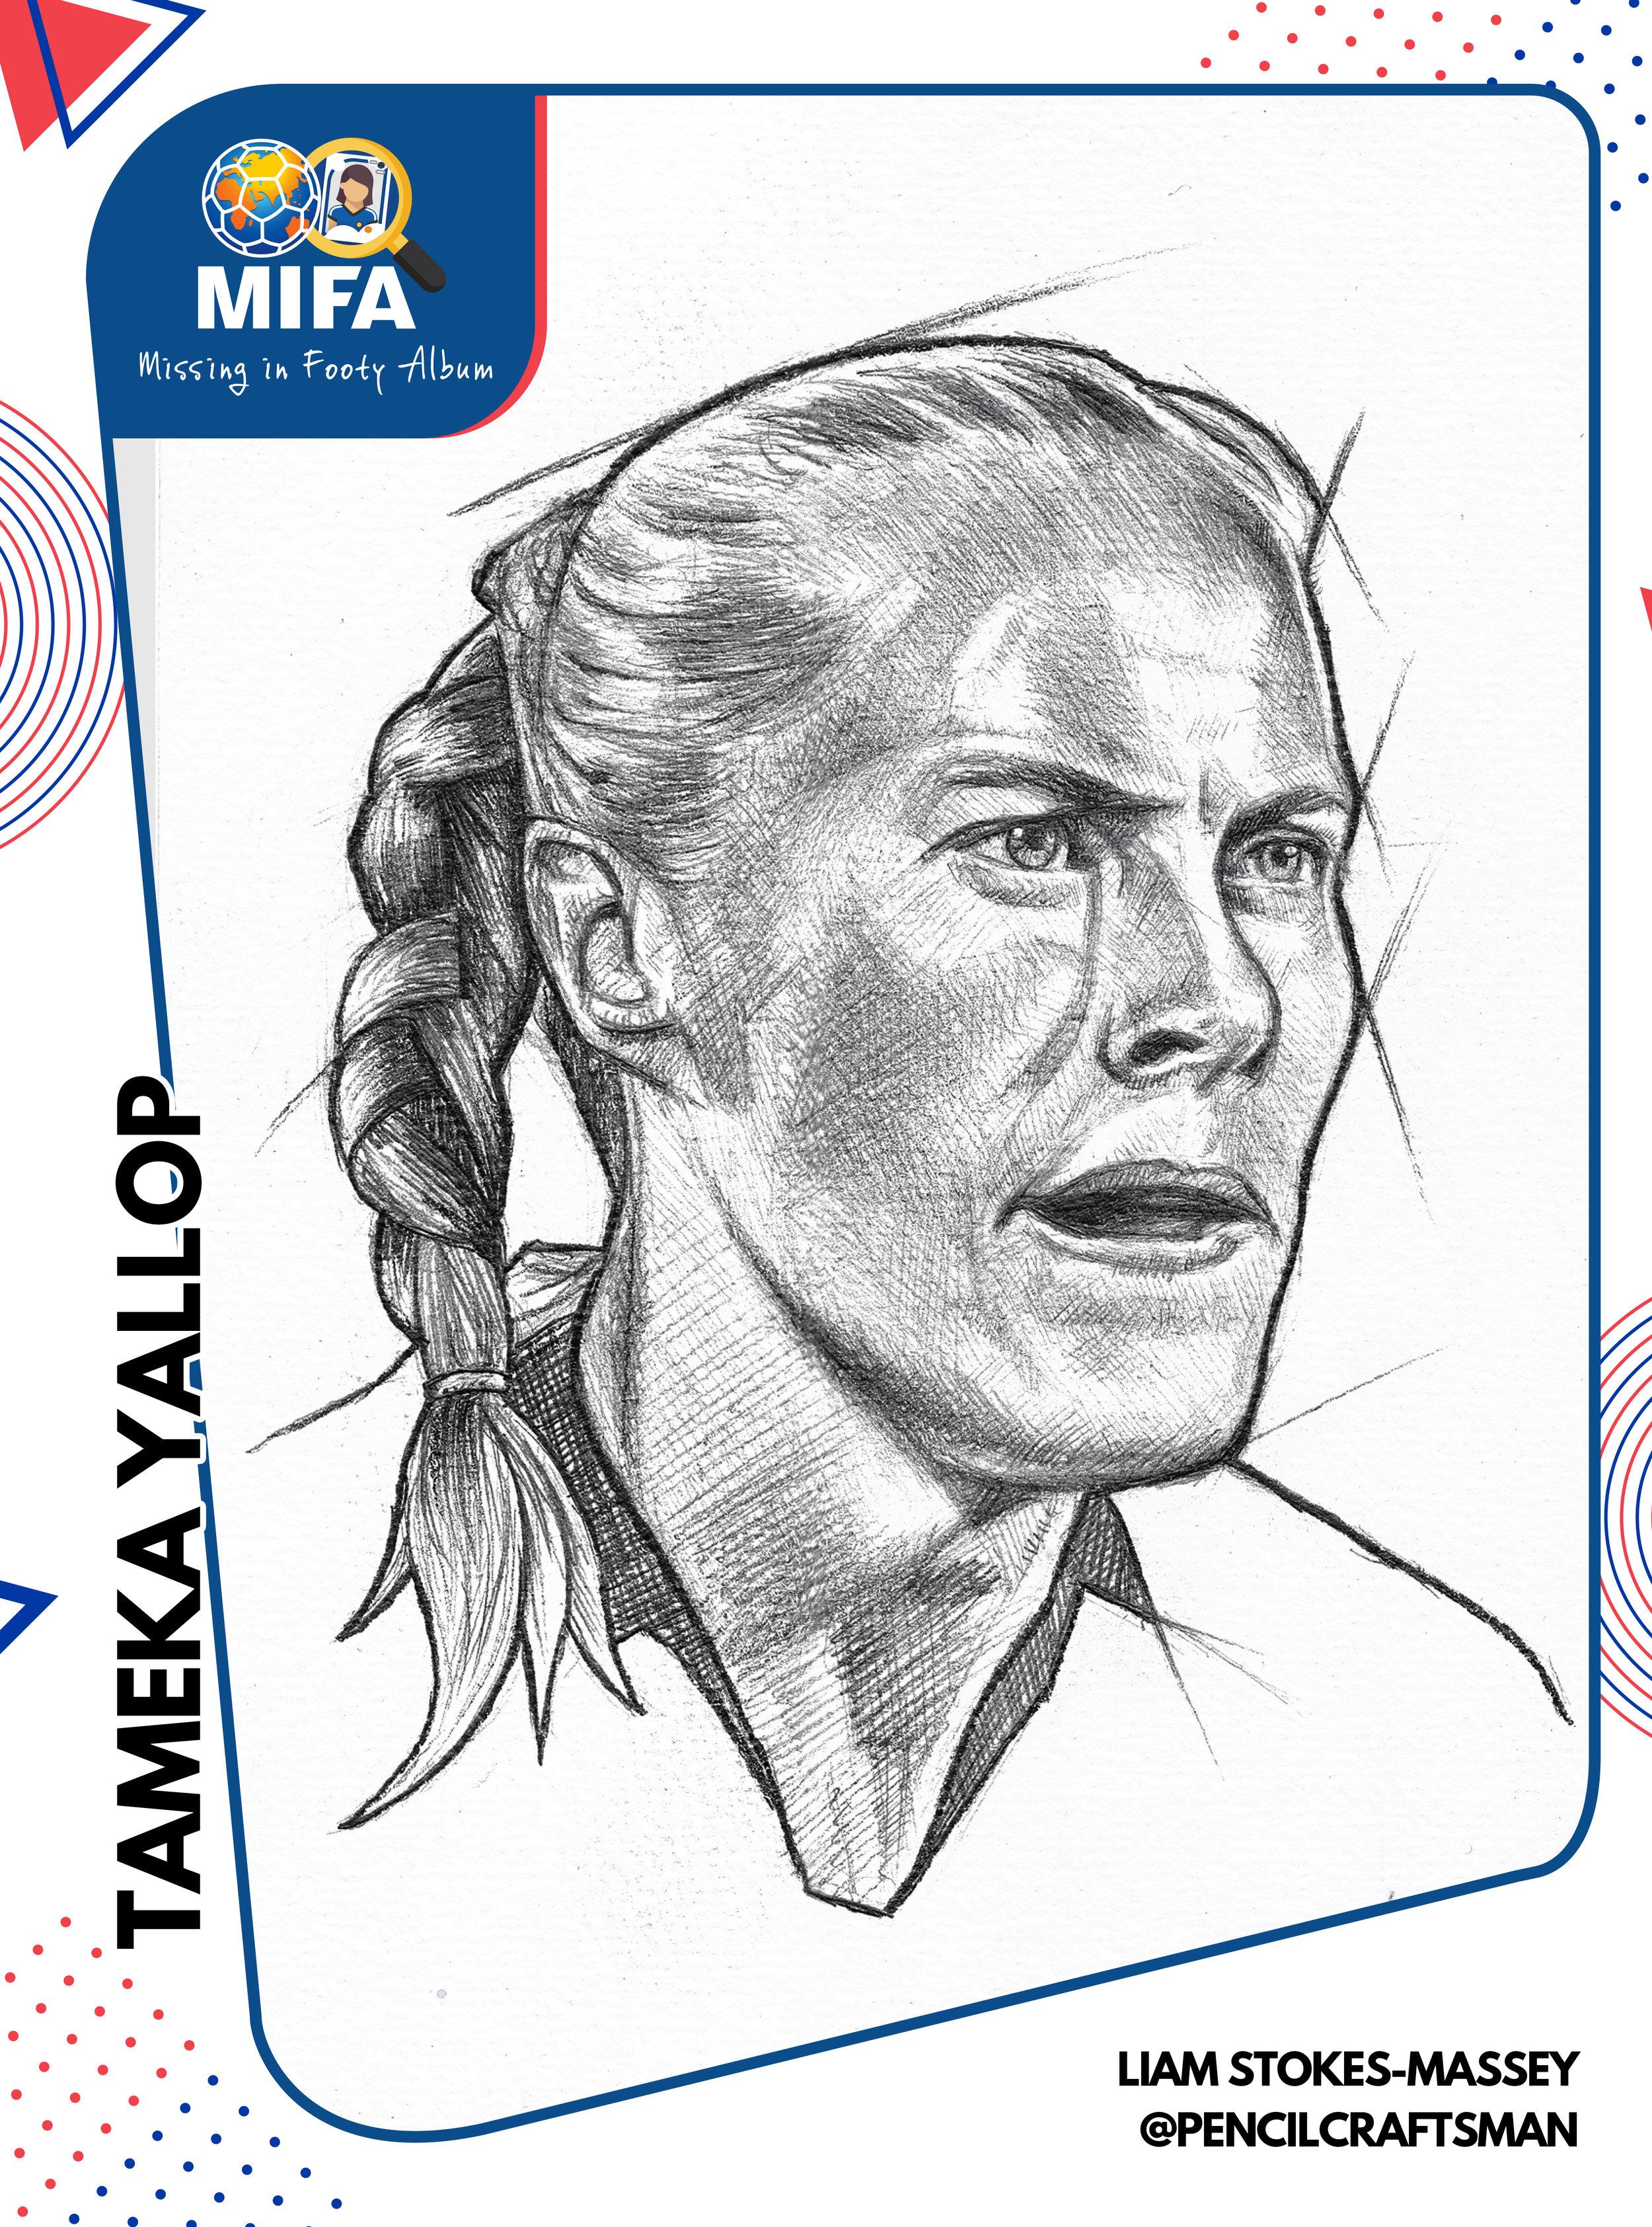 MIFA 2019_pencilcraftsman.jpg